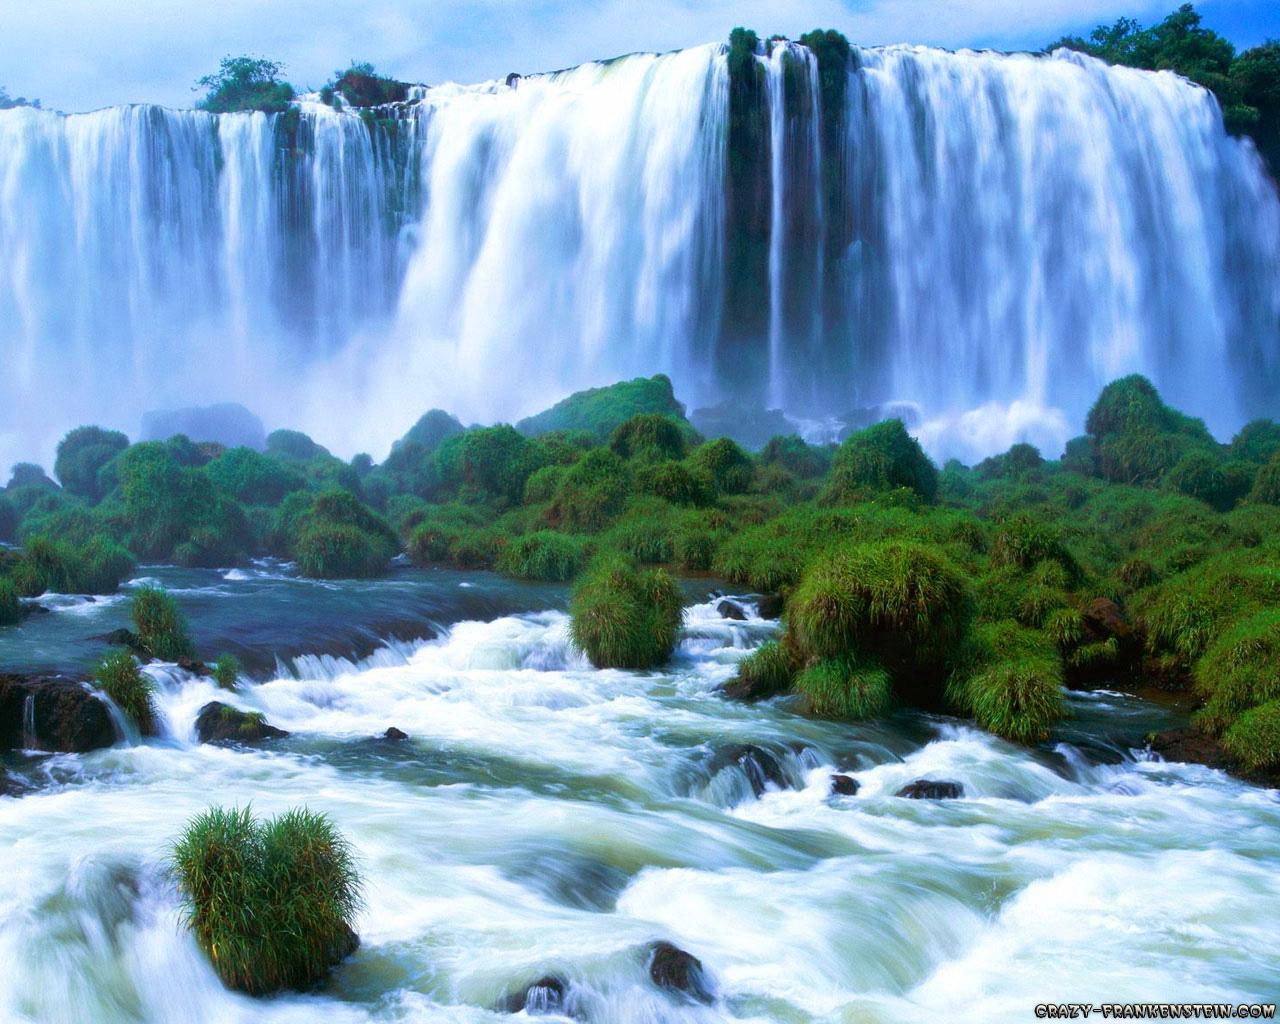 http://2.bp.blogspot.com/-2JYVIeisIvU/TnO_1M6o1_I/AAAAAAAAFL0/6dij-QebKkU/s1600/nature%20wallpaper%201280-1.jpg